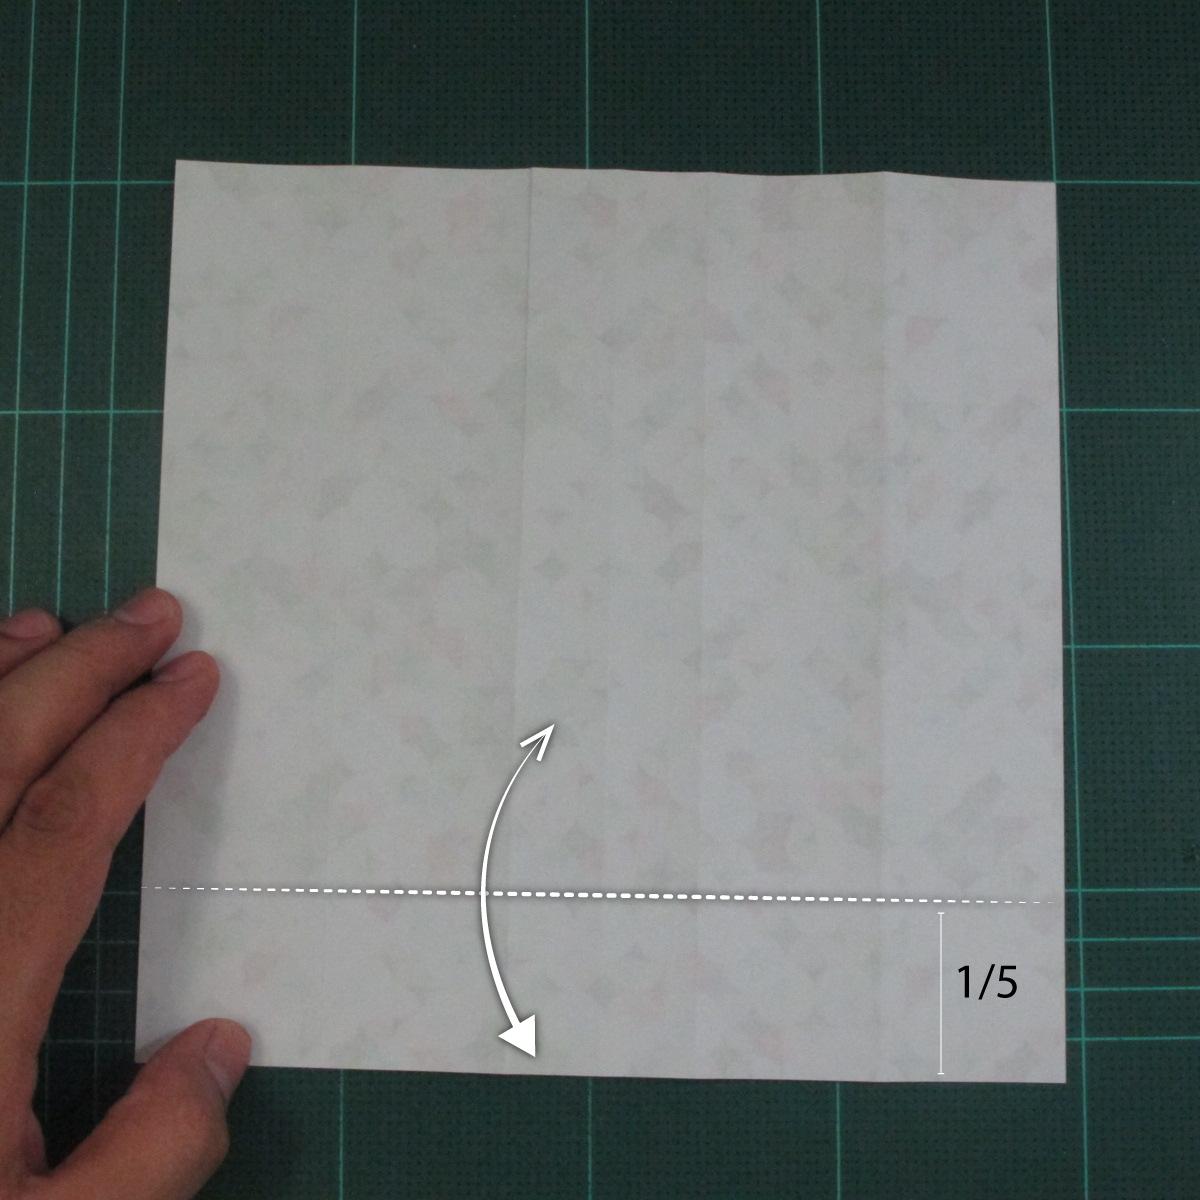 วิธีพับกล่องของขวัญแบบมีฝาปิด (Origami Present Box With Lid) 009